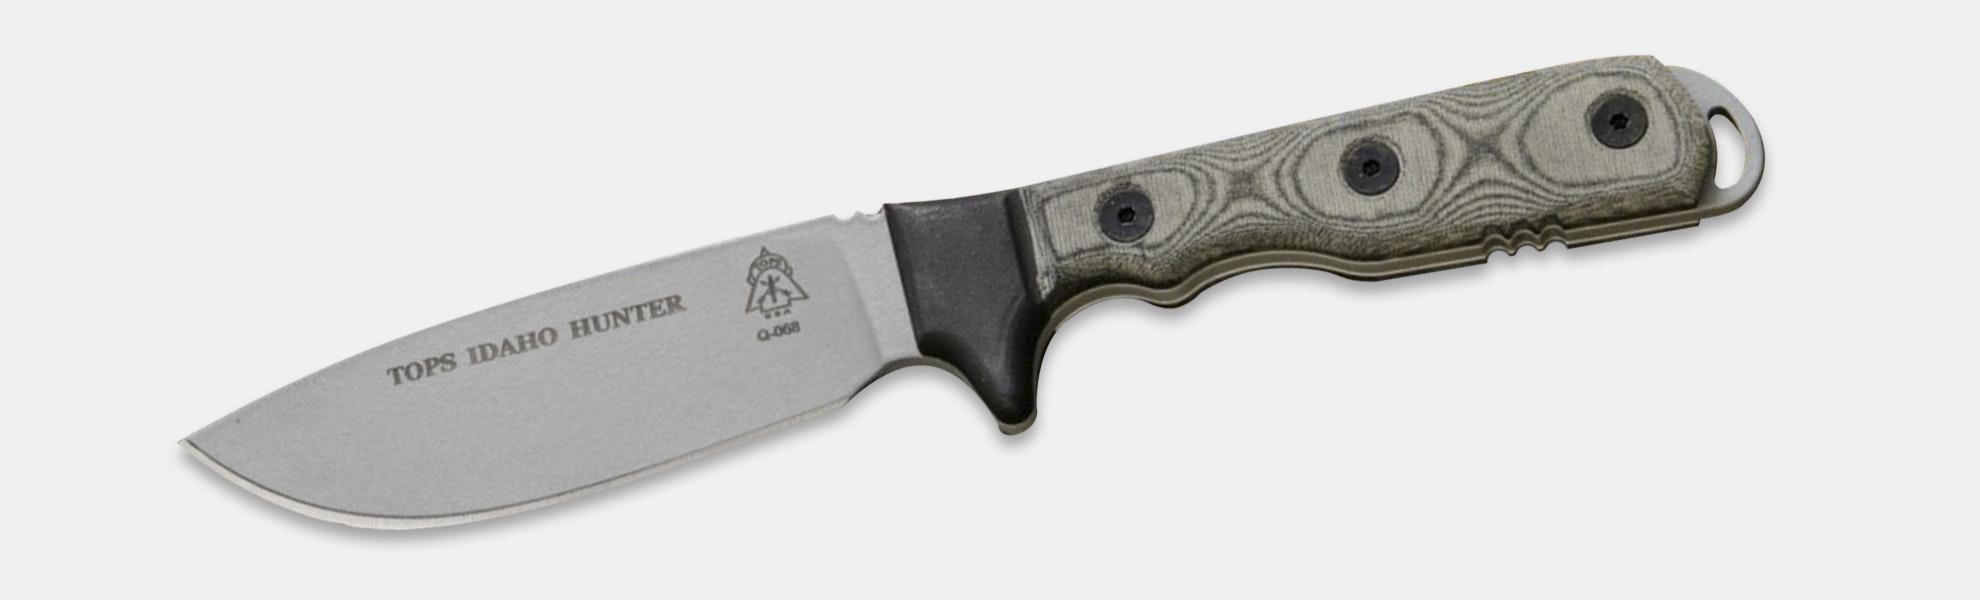 TOPS Knives: Idaho Hunter Fixed Blade Knife